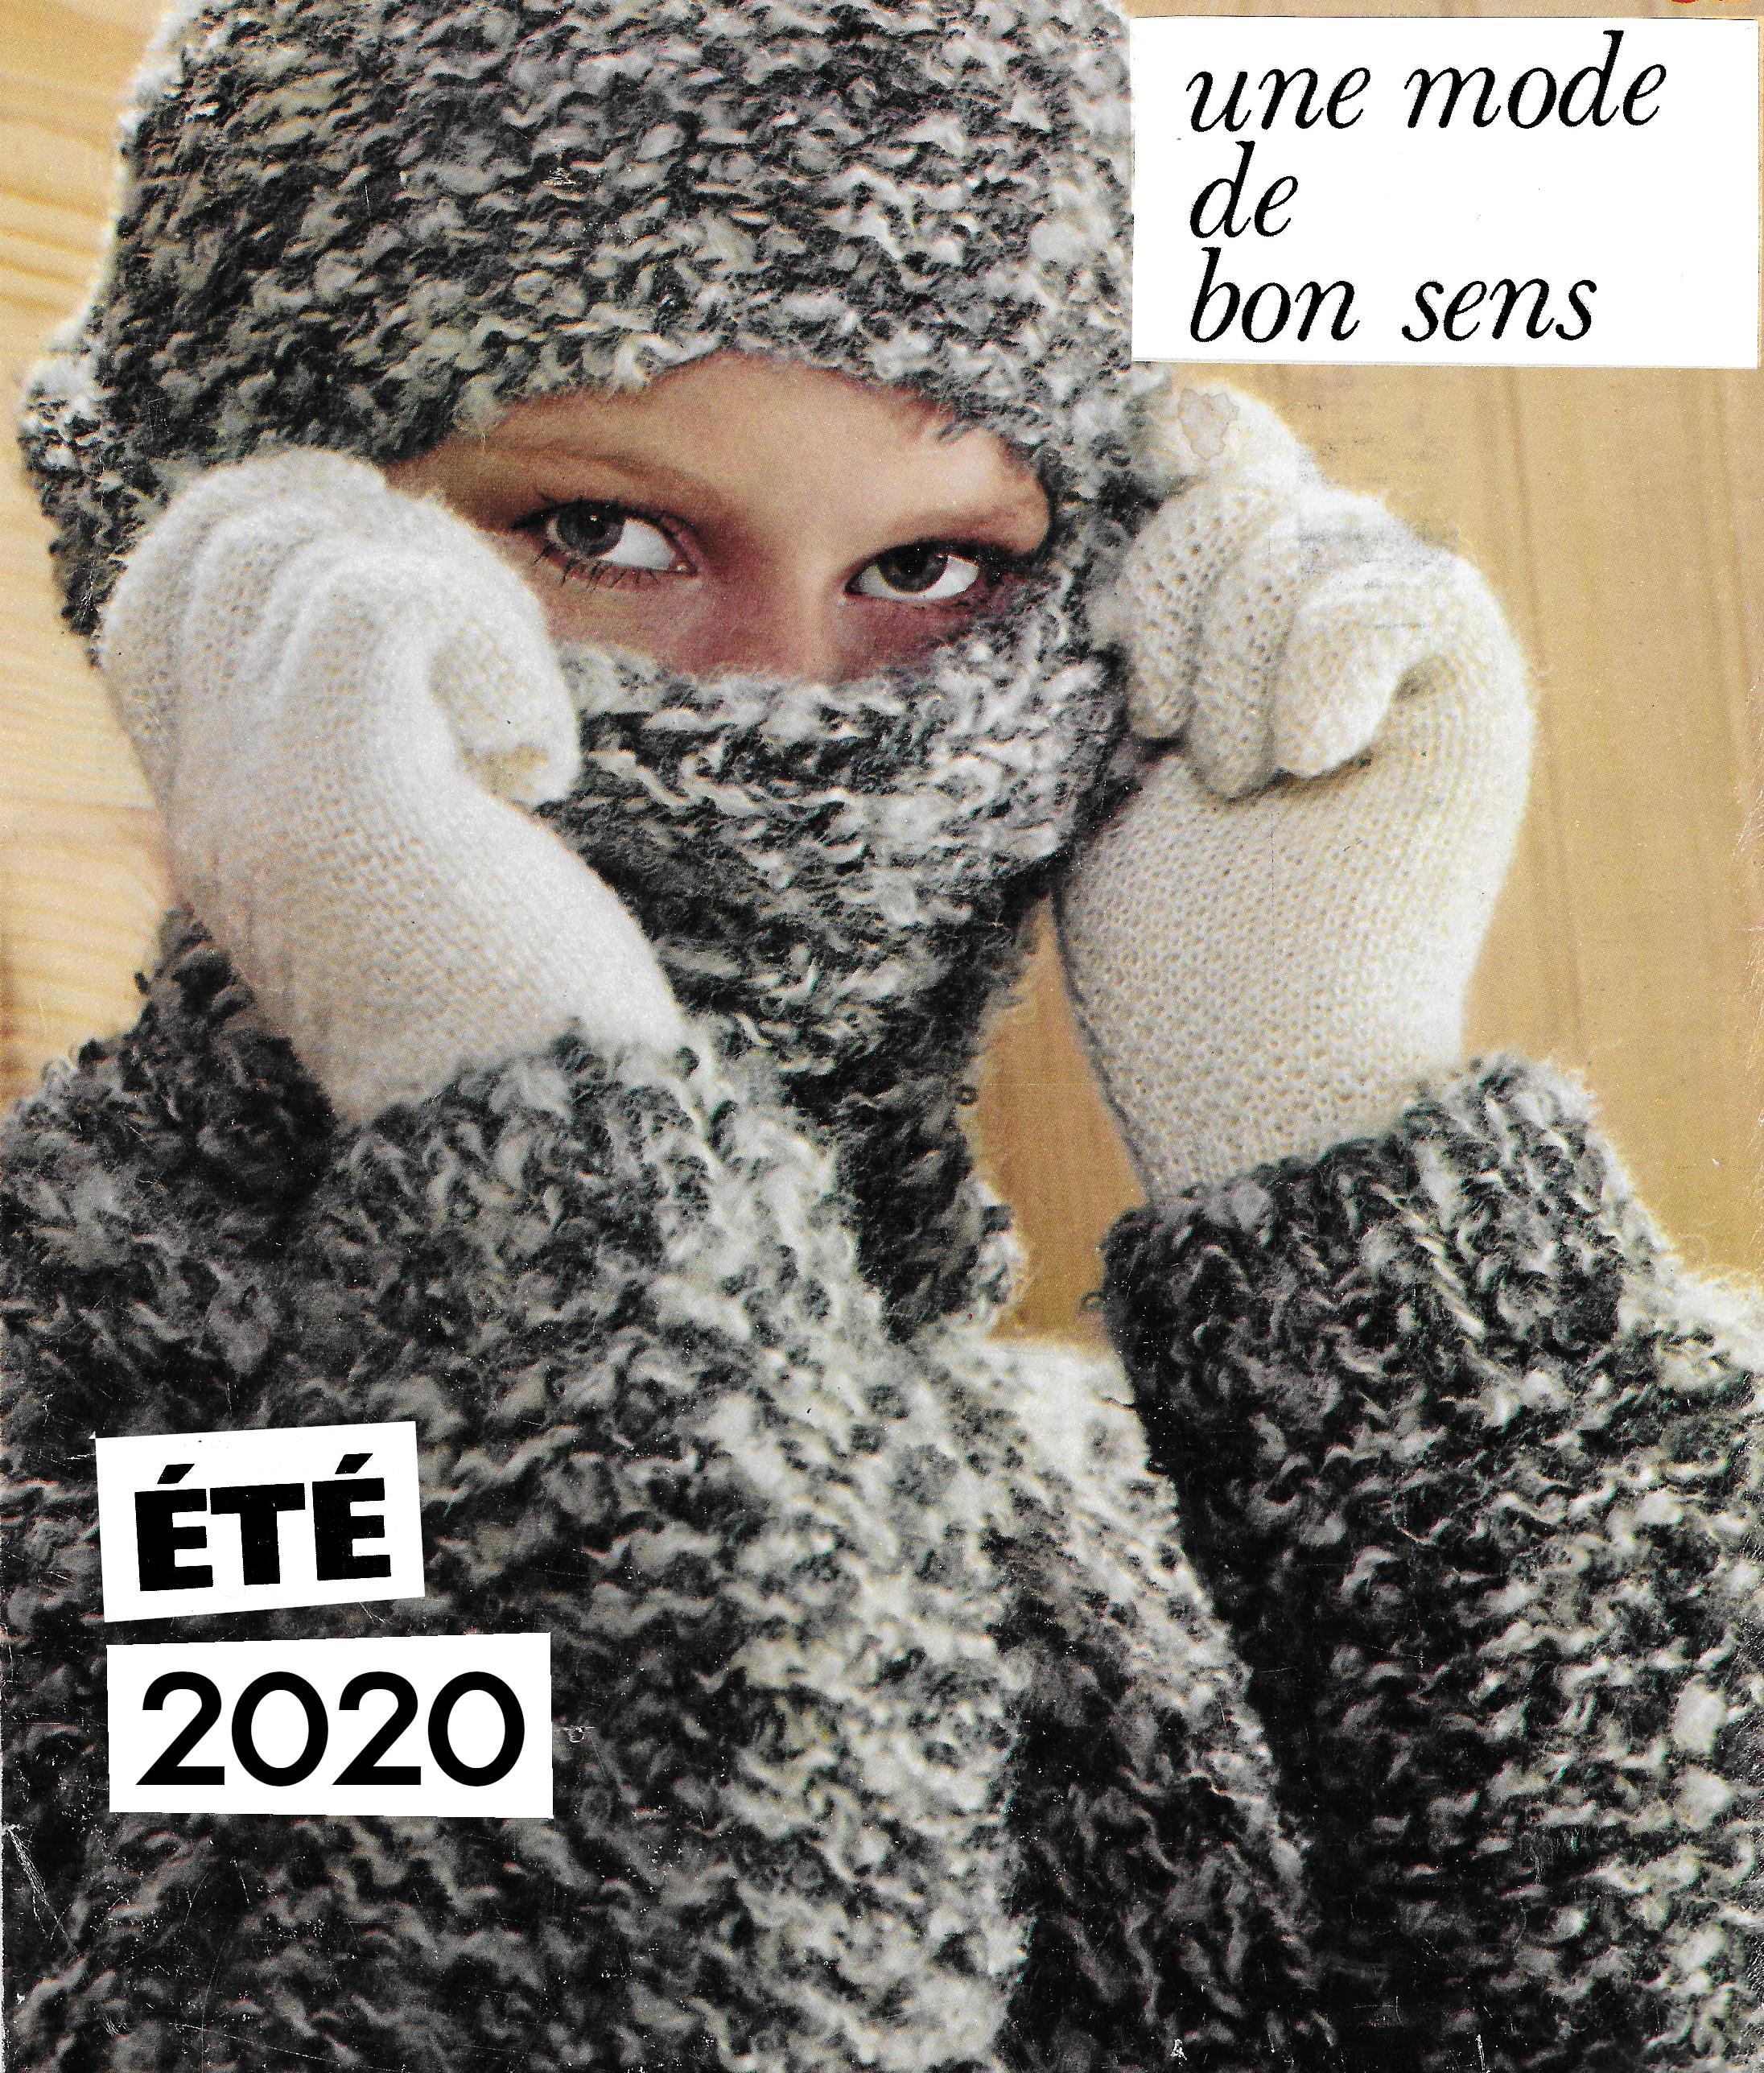 ETE2020